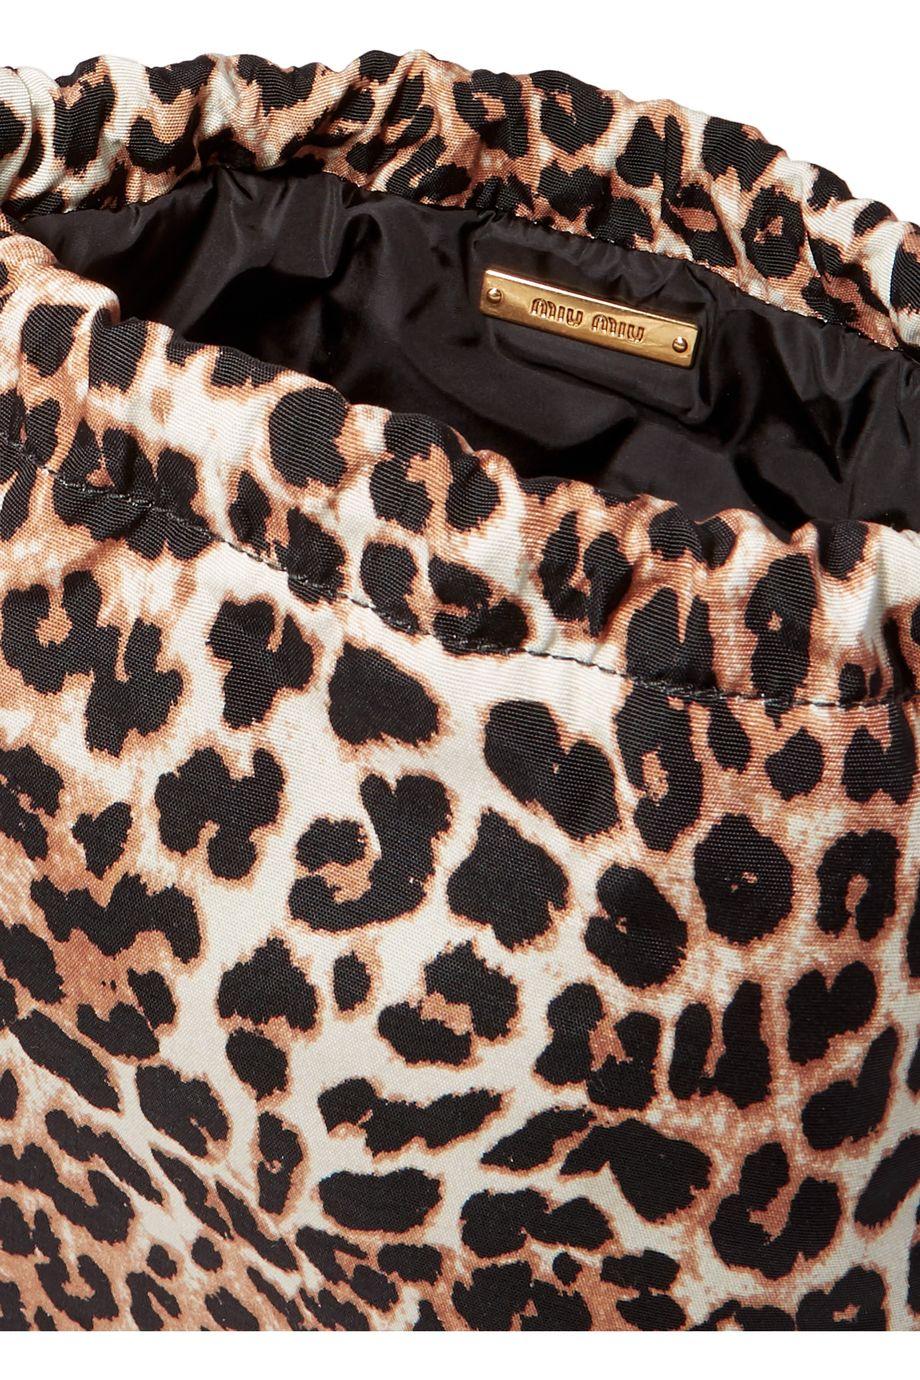 Miu Miu Leopard-print canvas pouch